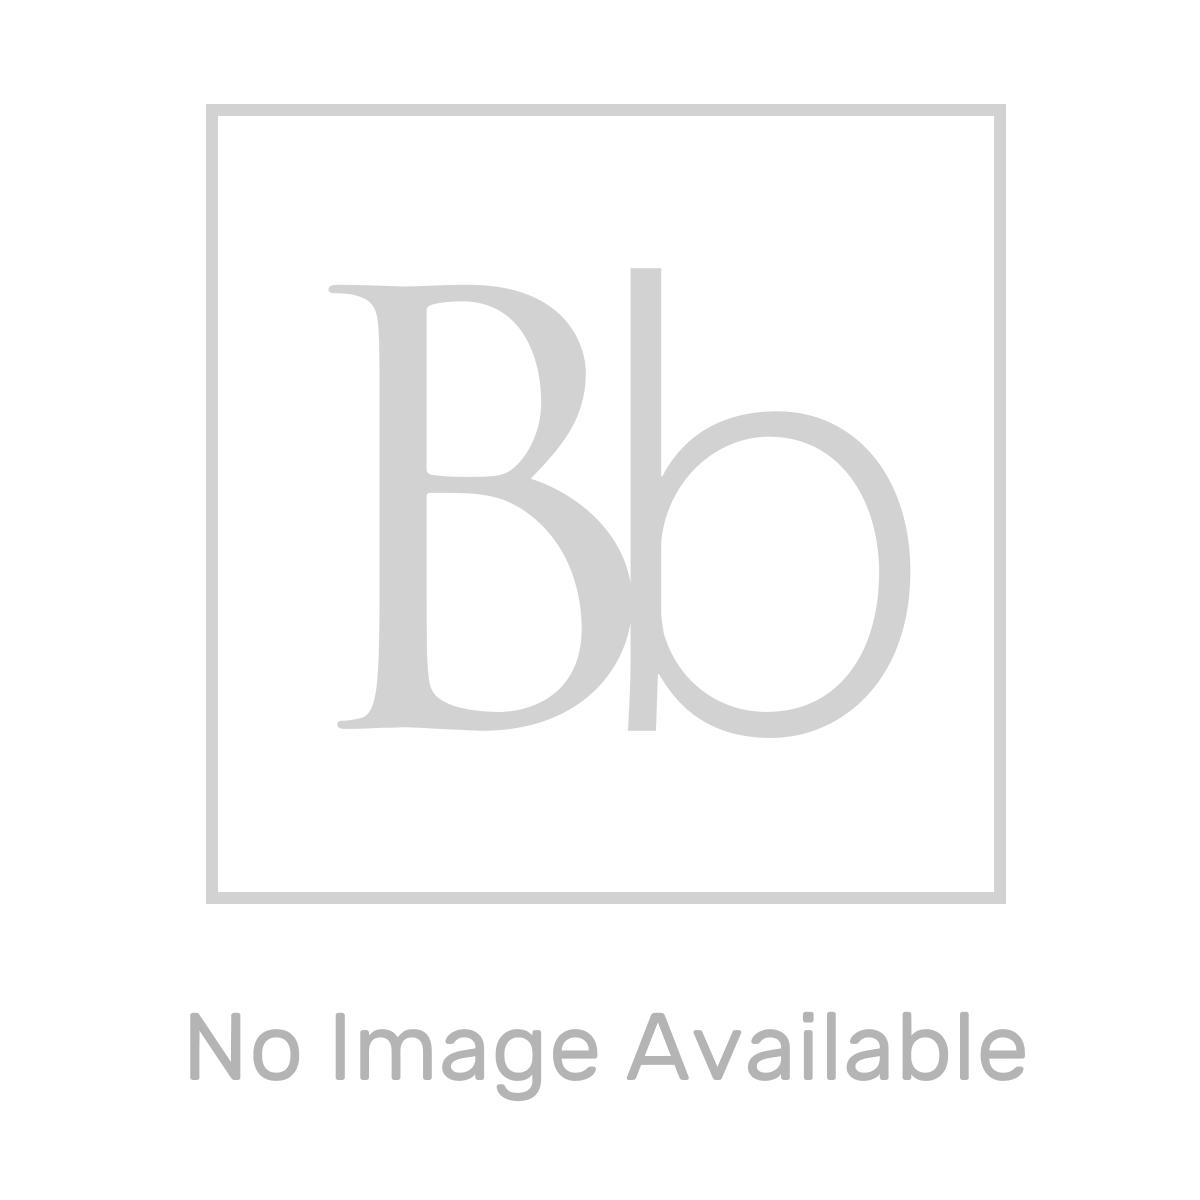 Bathrooms To Love Luxey Matt Black Ceramic Washbowl & Waste 355mm 2